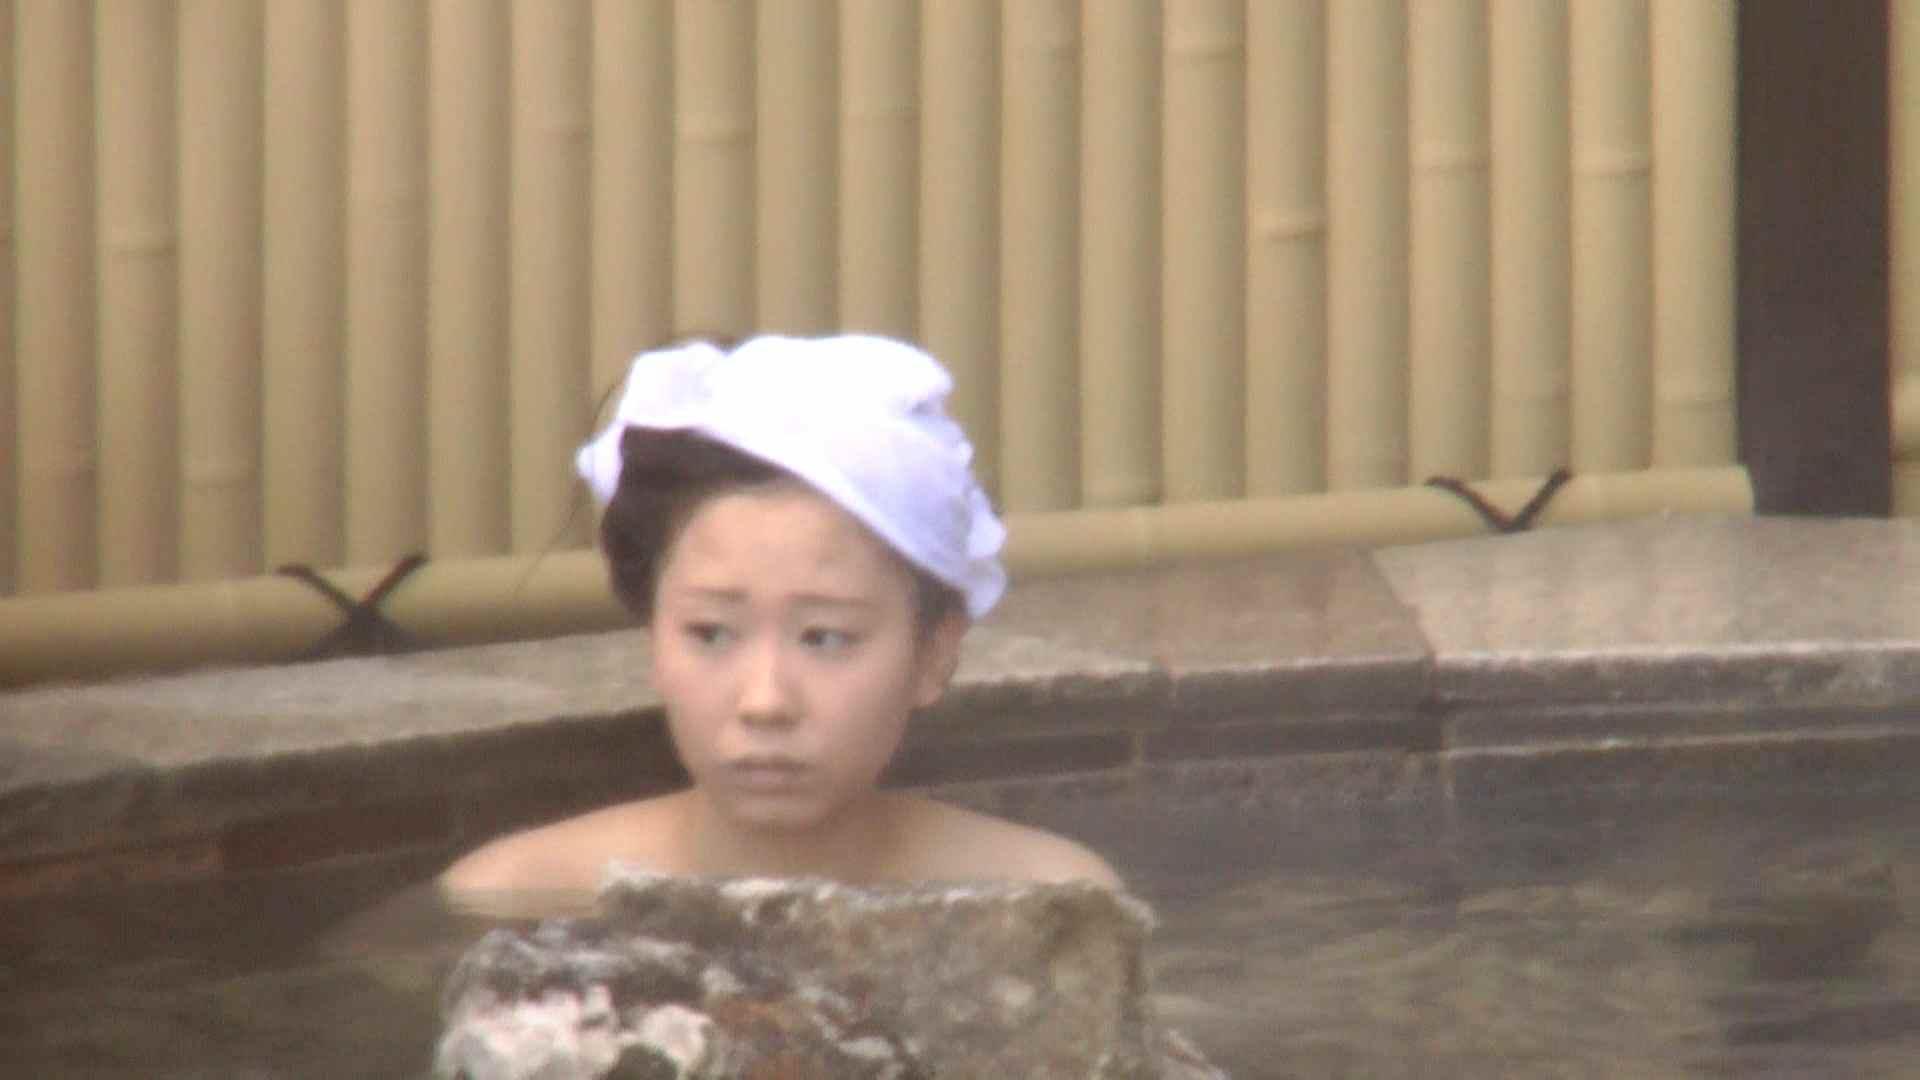 Aquaな露天風呂Vol.211 盗撮シリーズ  76PIX 10